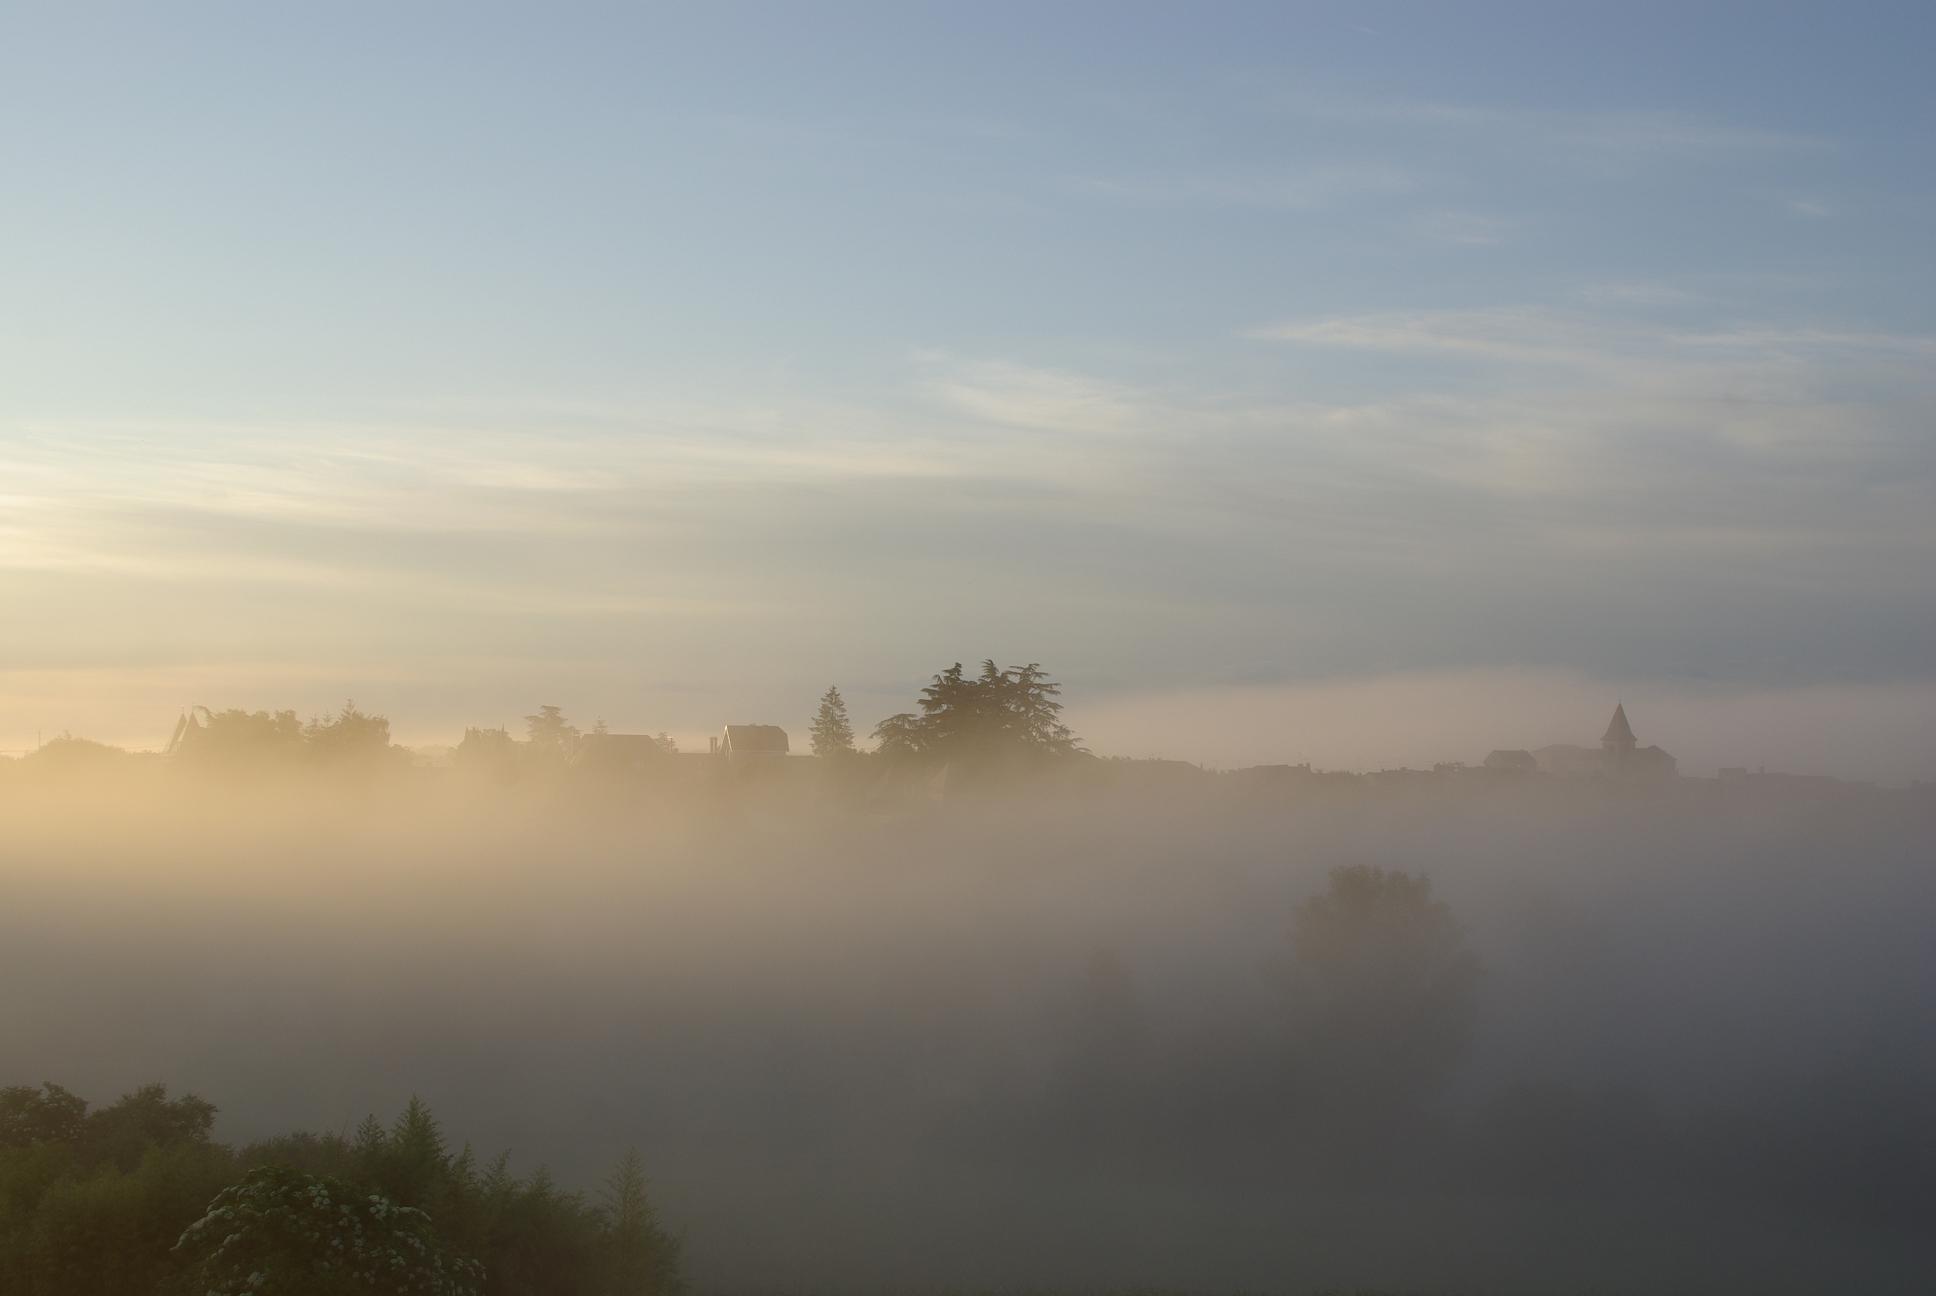 Le brouillard finit toujours par rendre le paysage qu'il a volé….S.Tesson